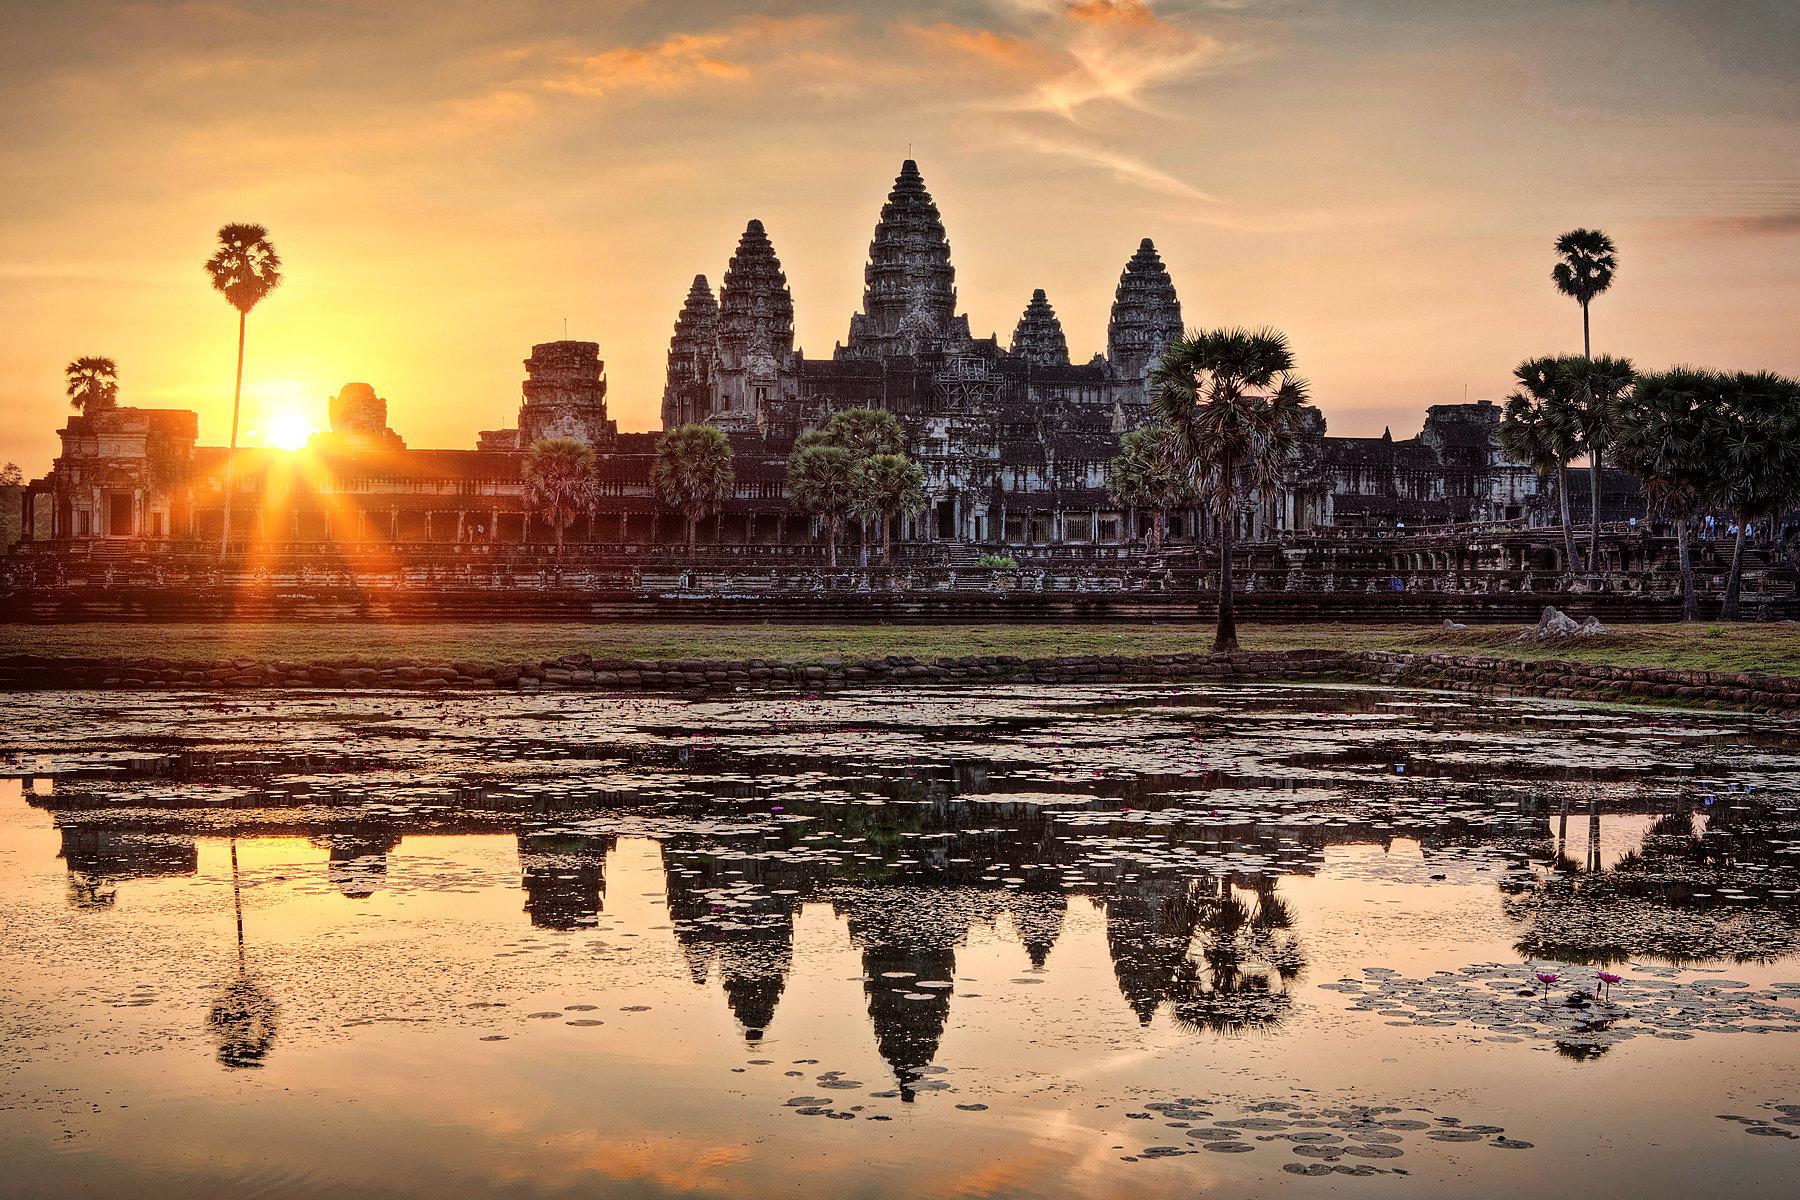 Angkor Wat: Cambodia